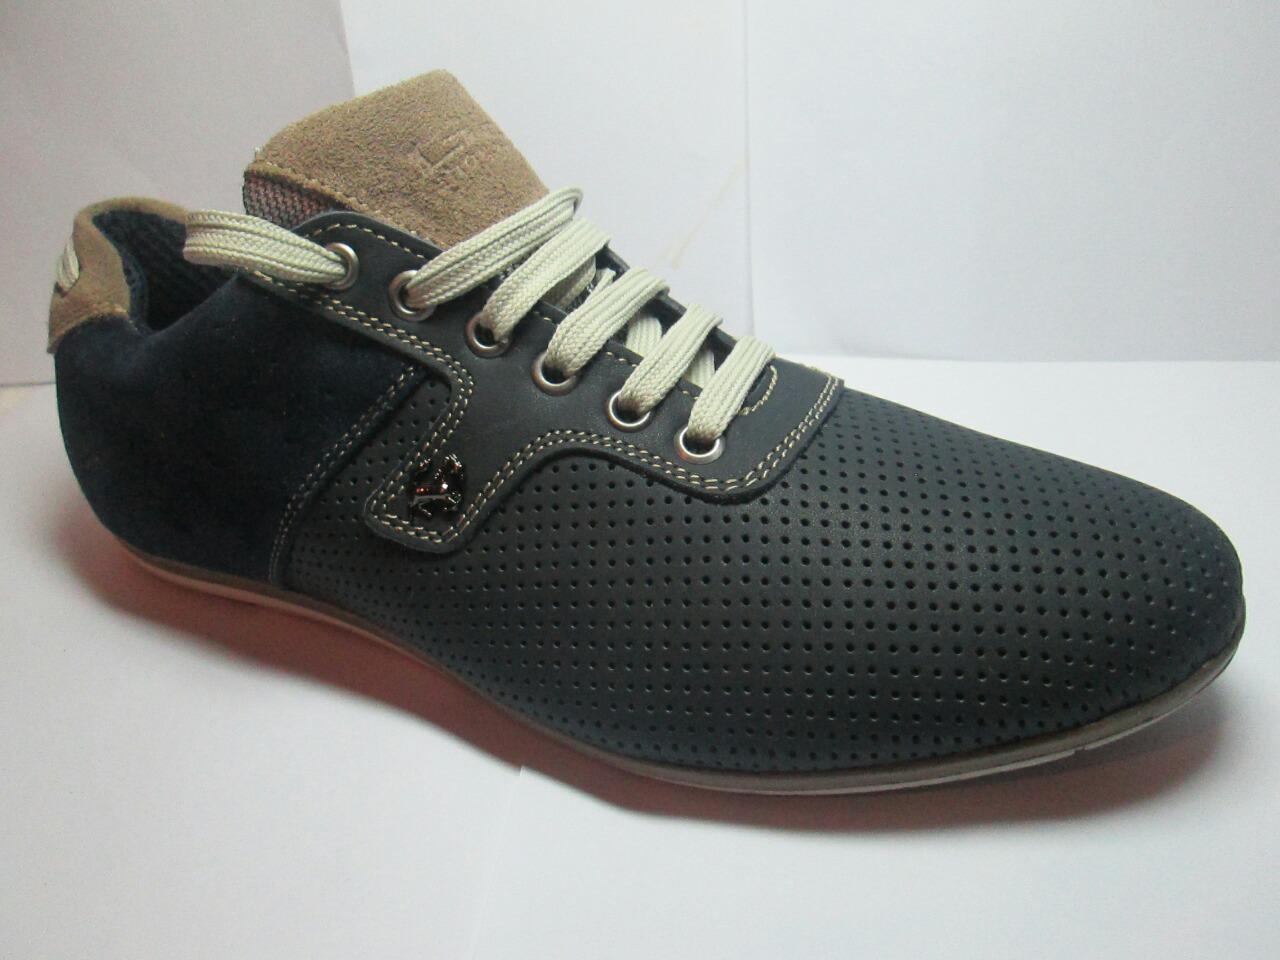 bab1cb4e145e Туфли мужские с перфорацией спортивного стиля GS-comfort, черные с бежевым  р 40-45